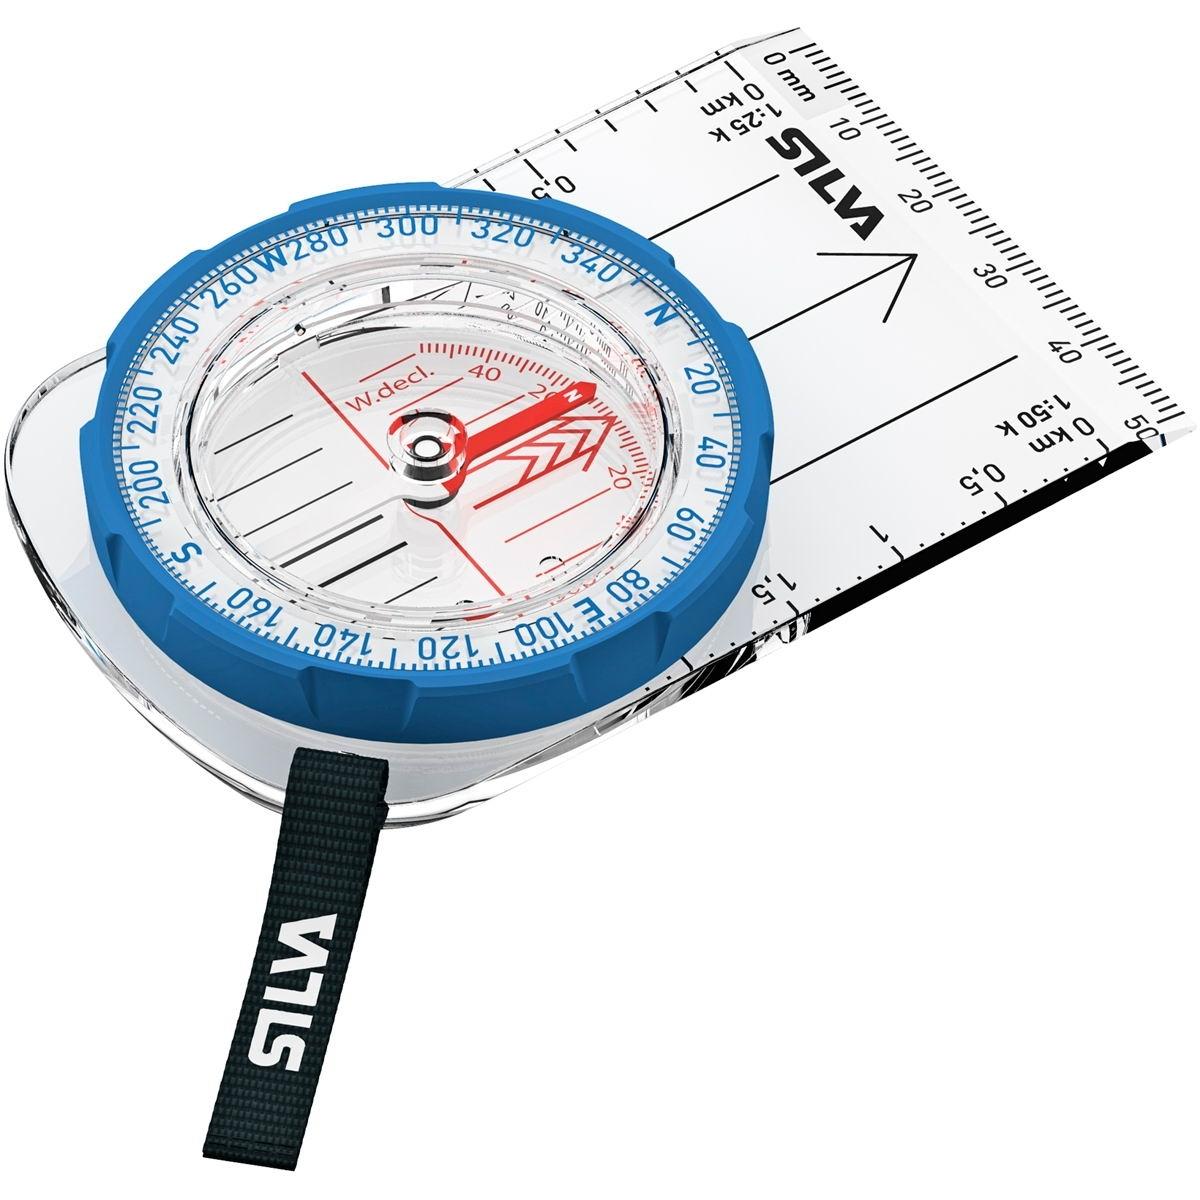 Компас Silva Compass Field - артикул: 675470386